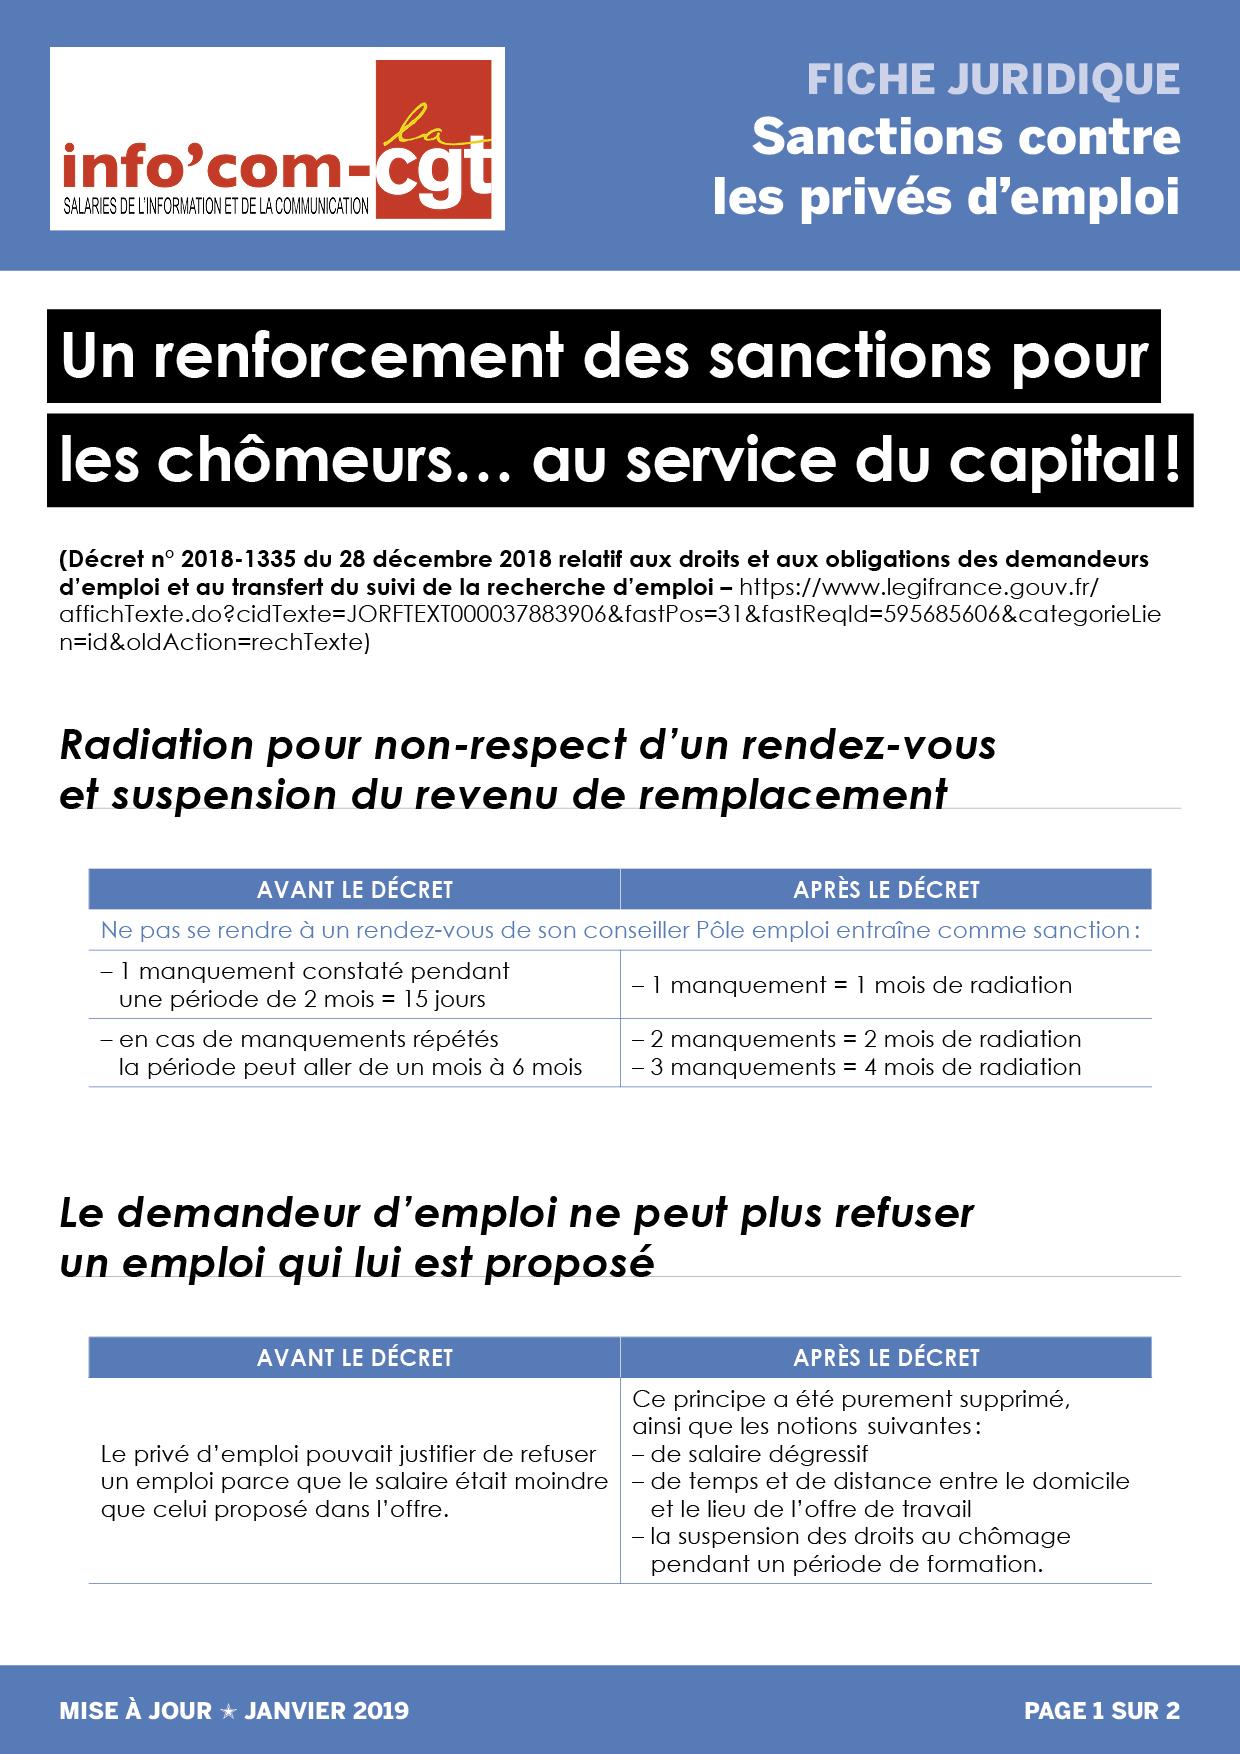 Fiche Juridique Un Renforcement Des Sanctions Pour Les Chomeurs